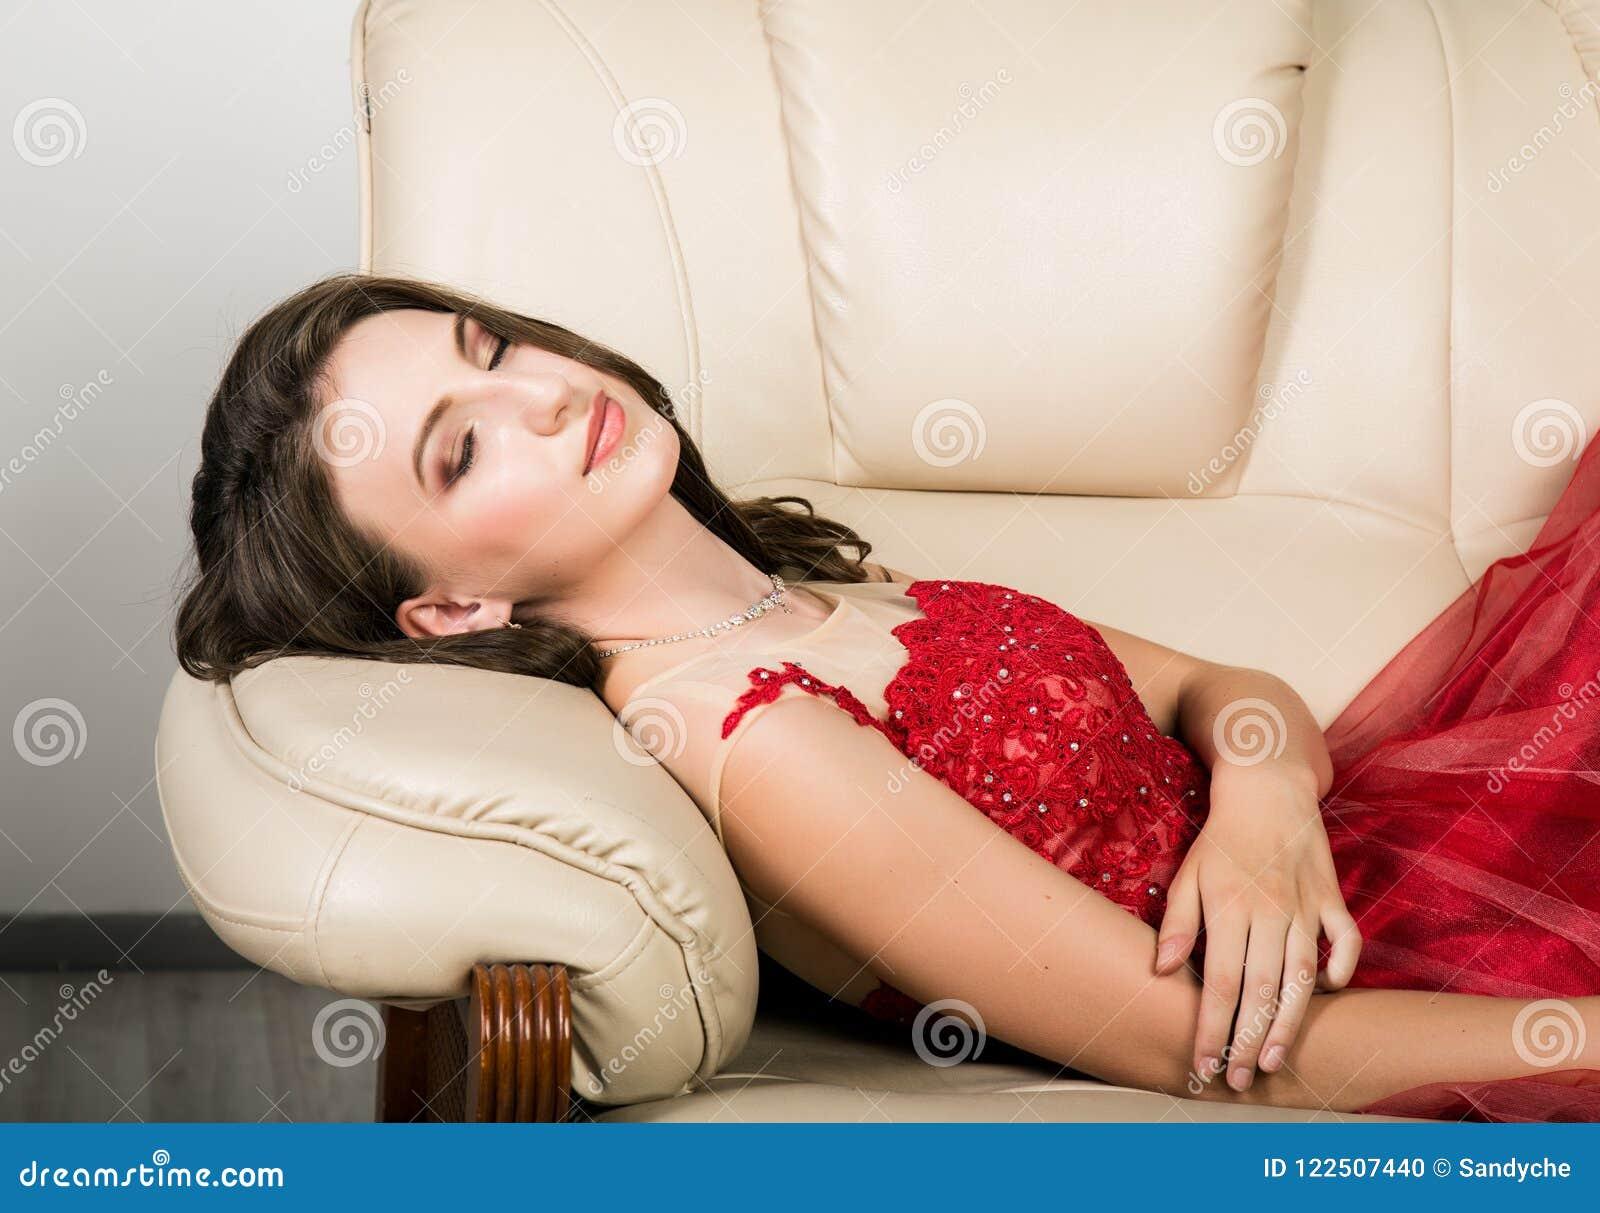 caf730917 La mujer elegante joven con el peinado profesional en vestido rojo largo  descansó sobre el sofá